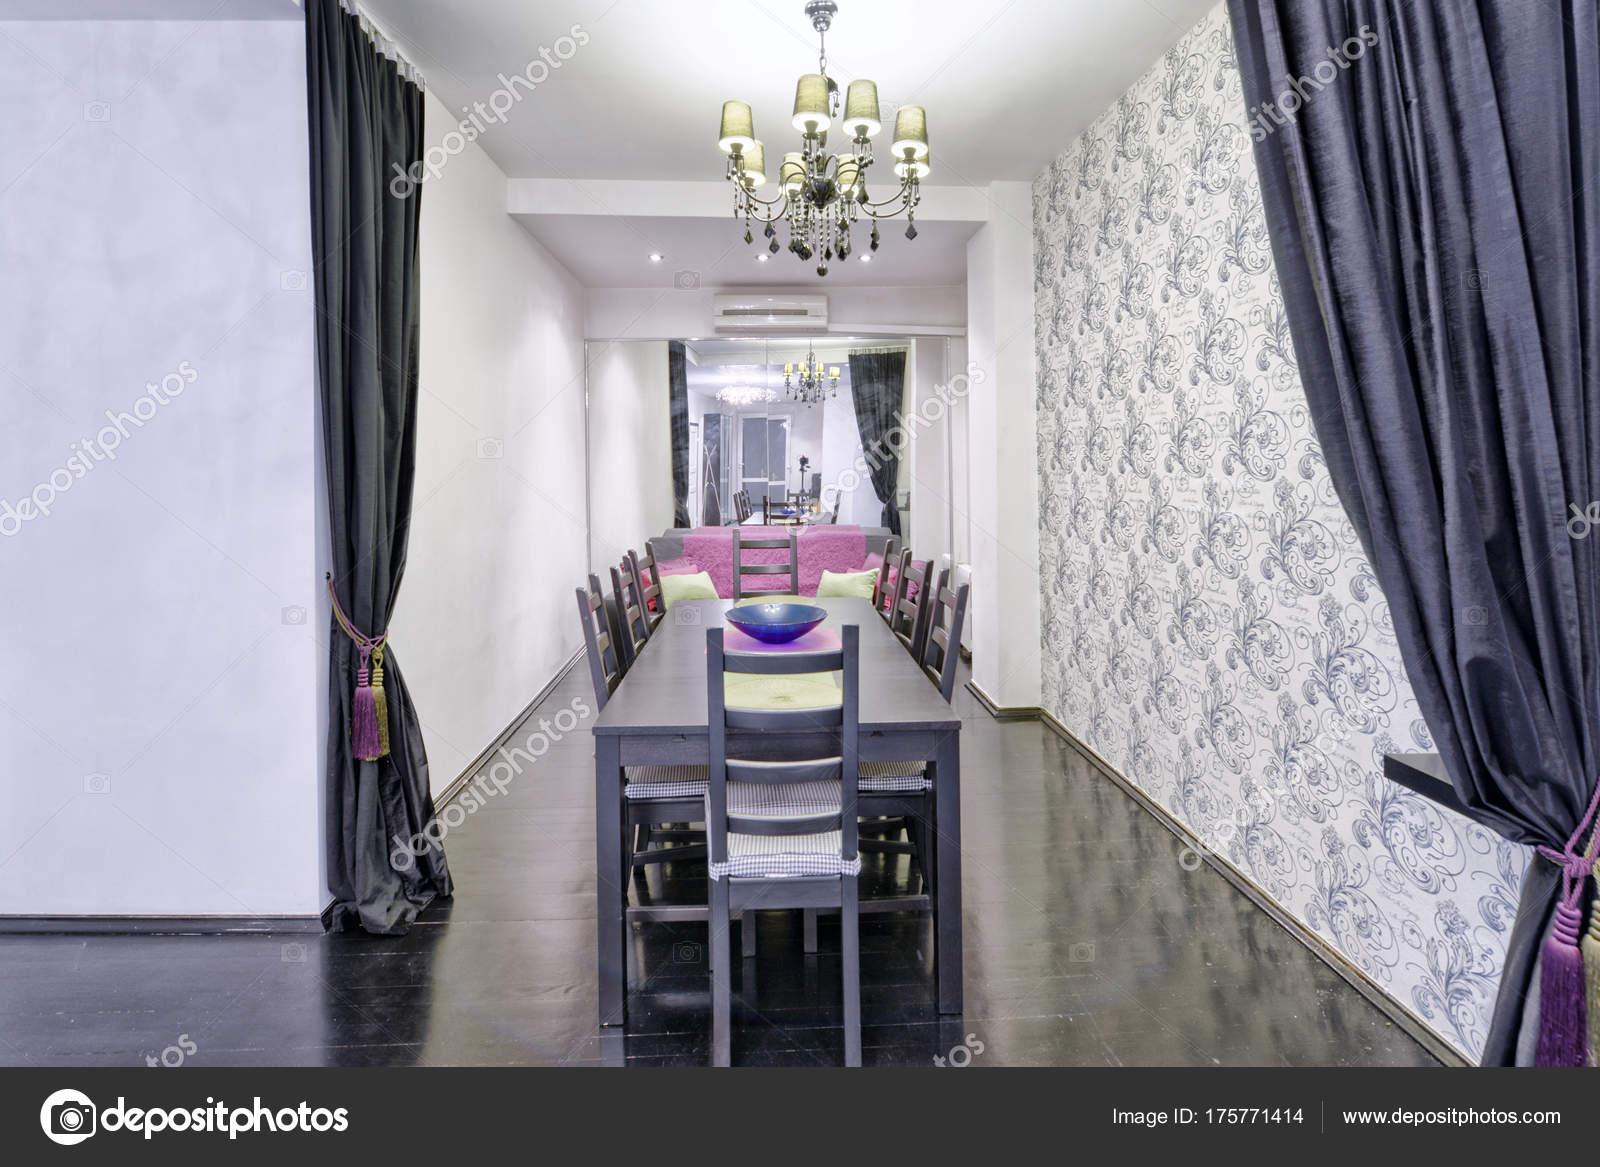 Grote eettafel het interieur van het appartement een stijlvol